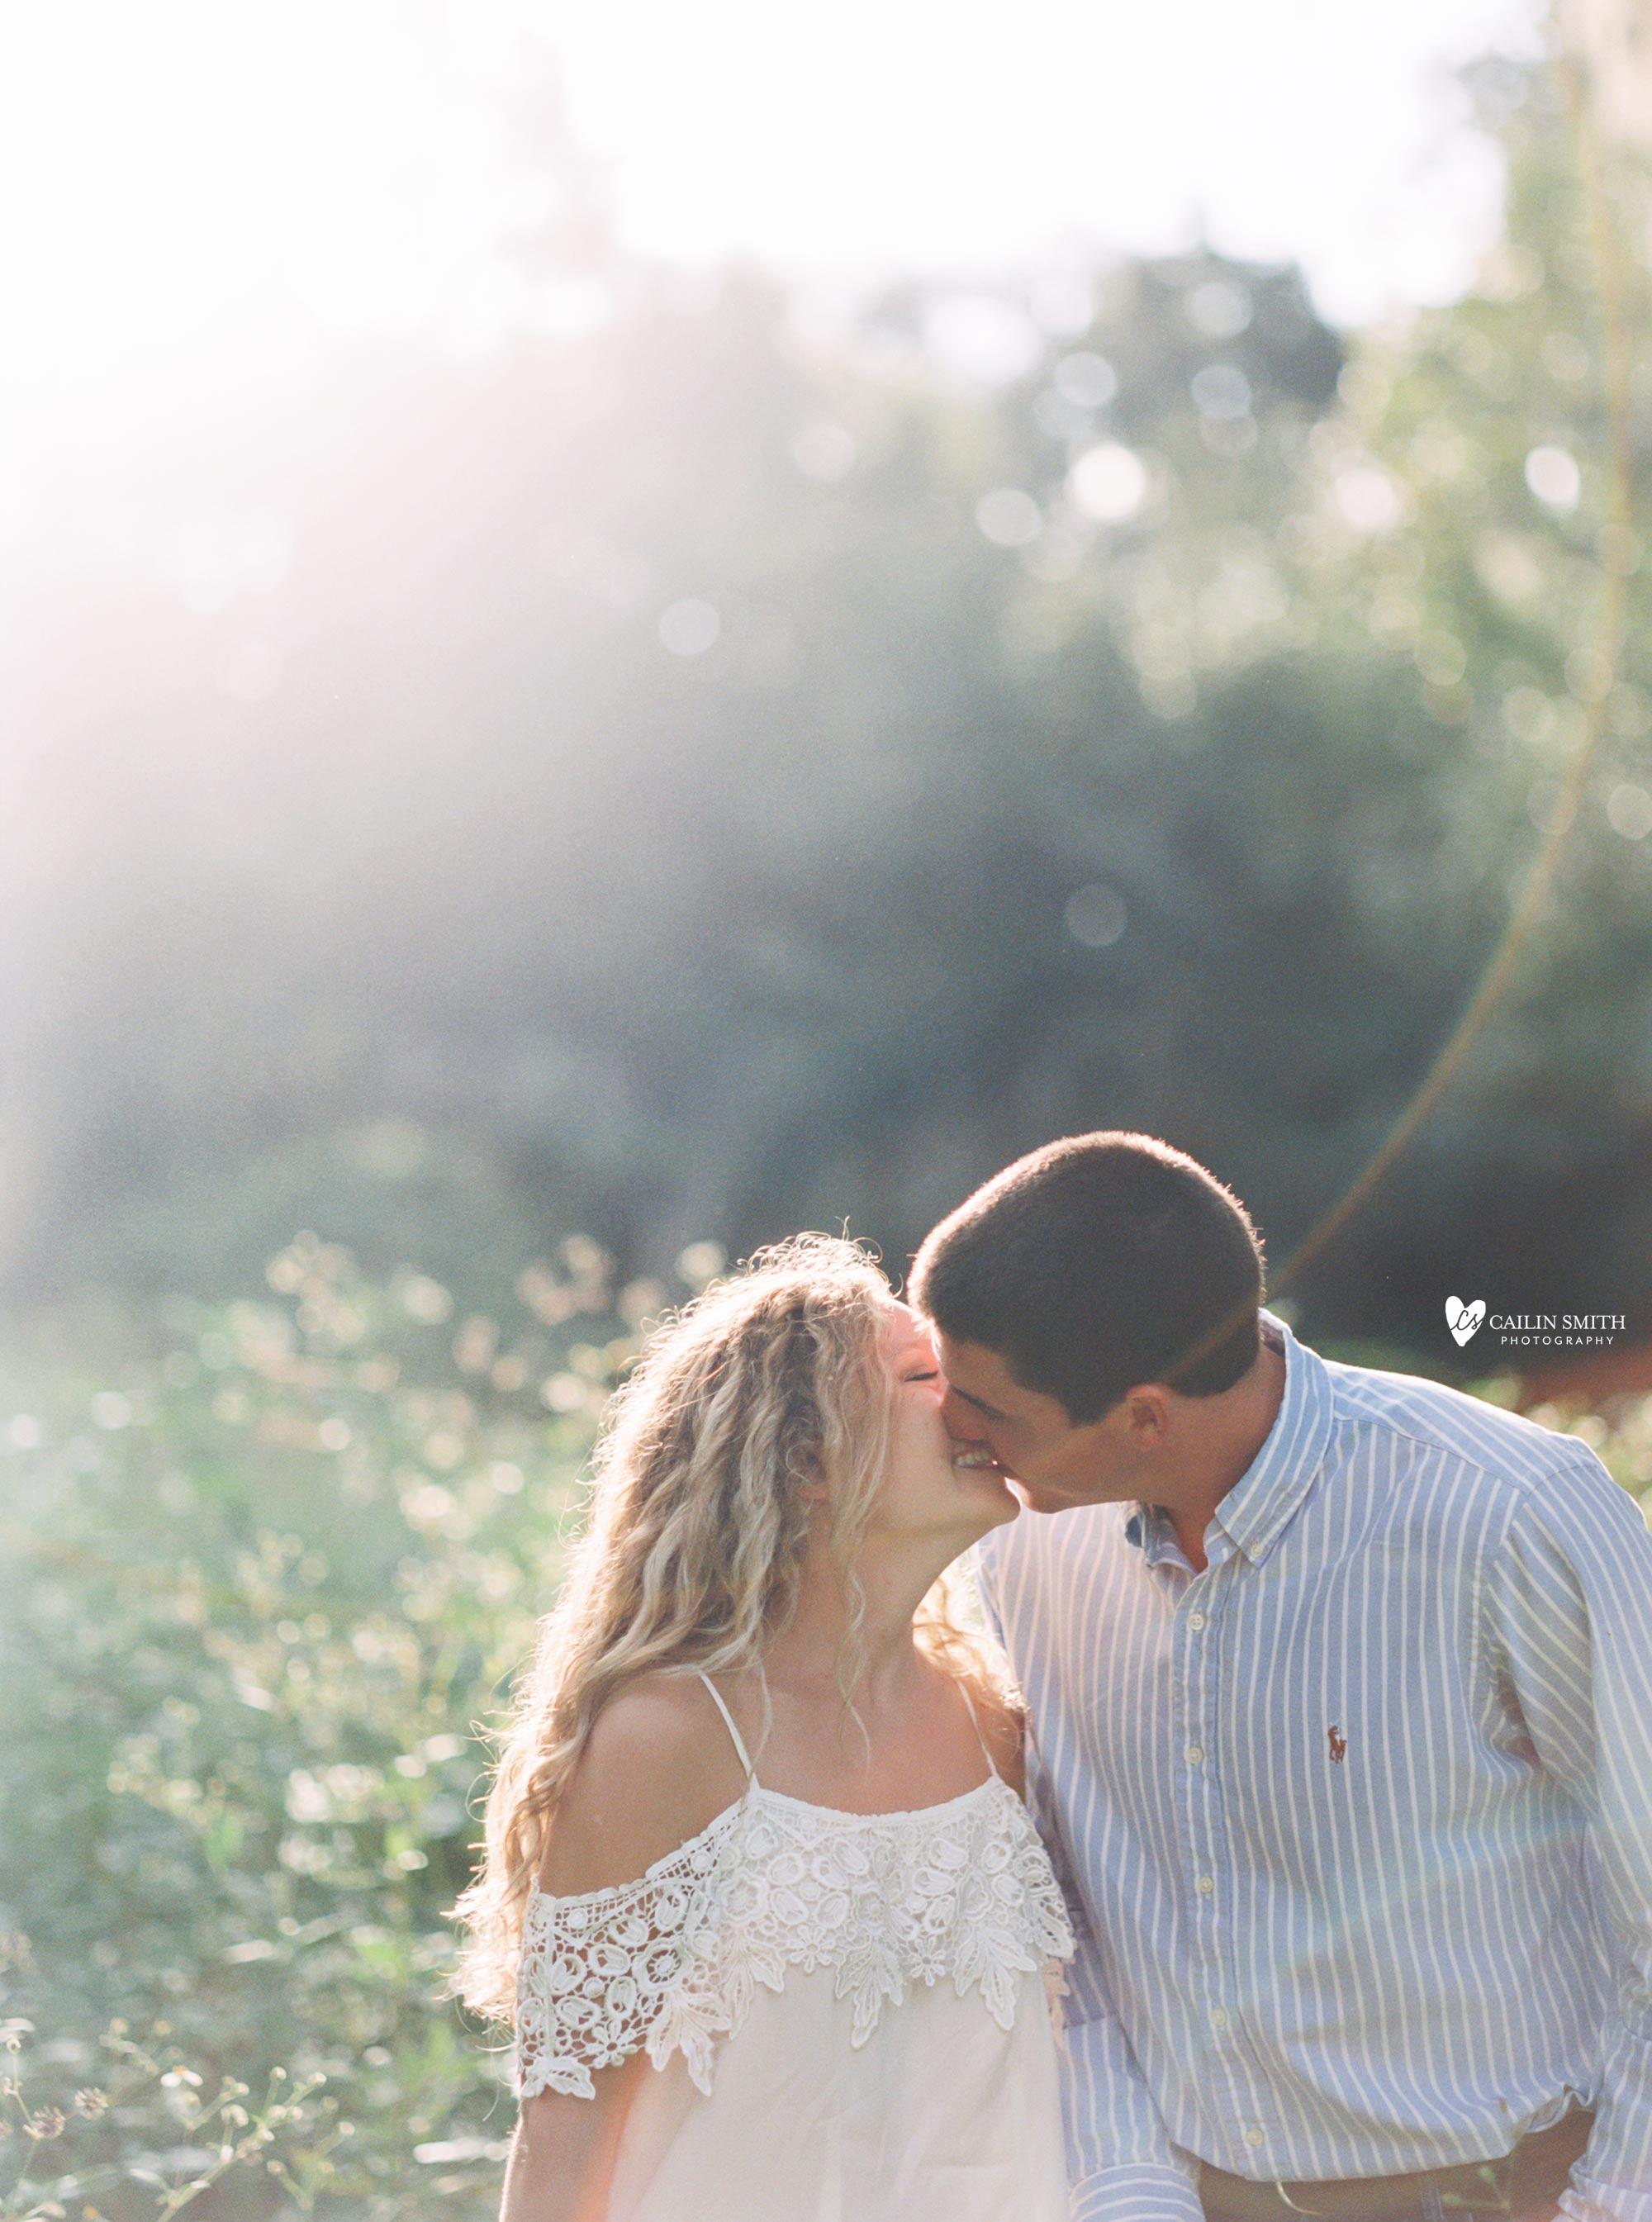 Leah_Major_Saint_Mary's_Engagement_Photography_021.jpg